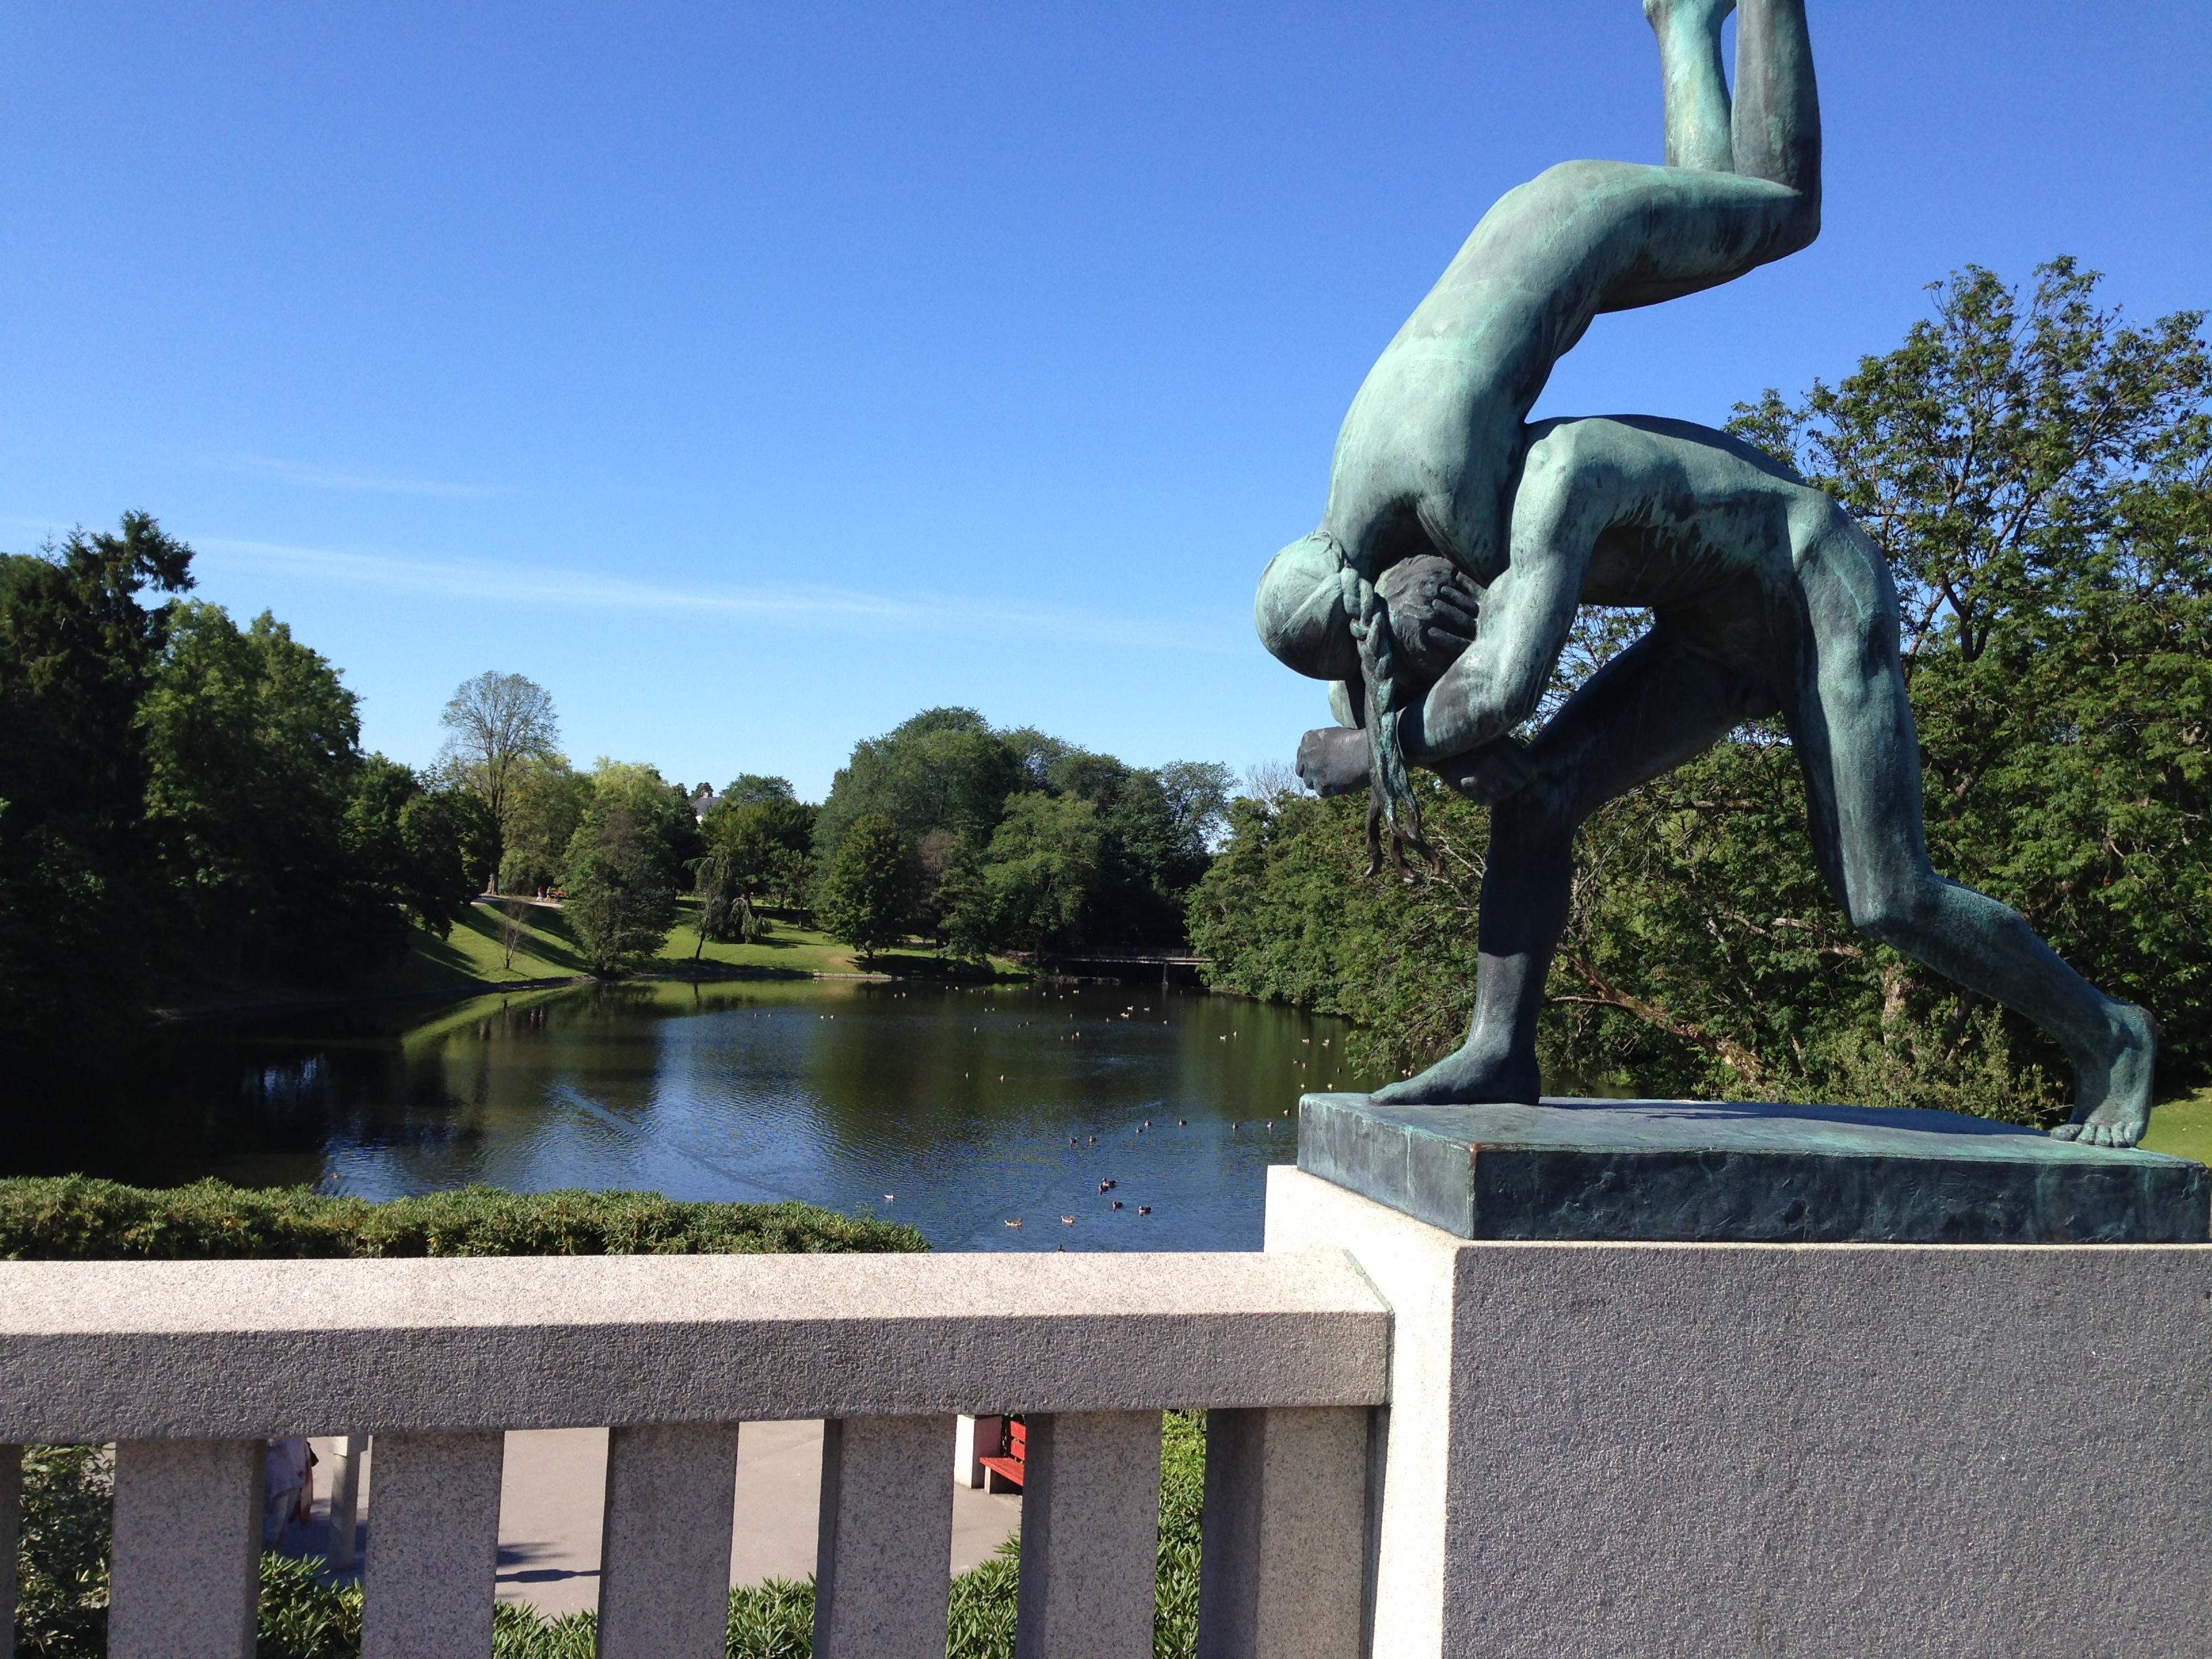 Estátuas no Parque Vinegrand - Oslo